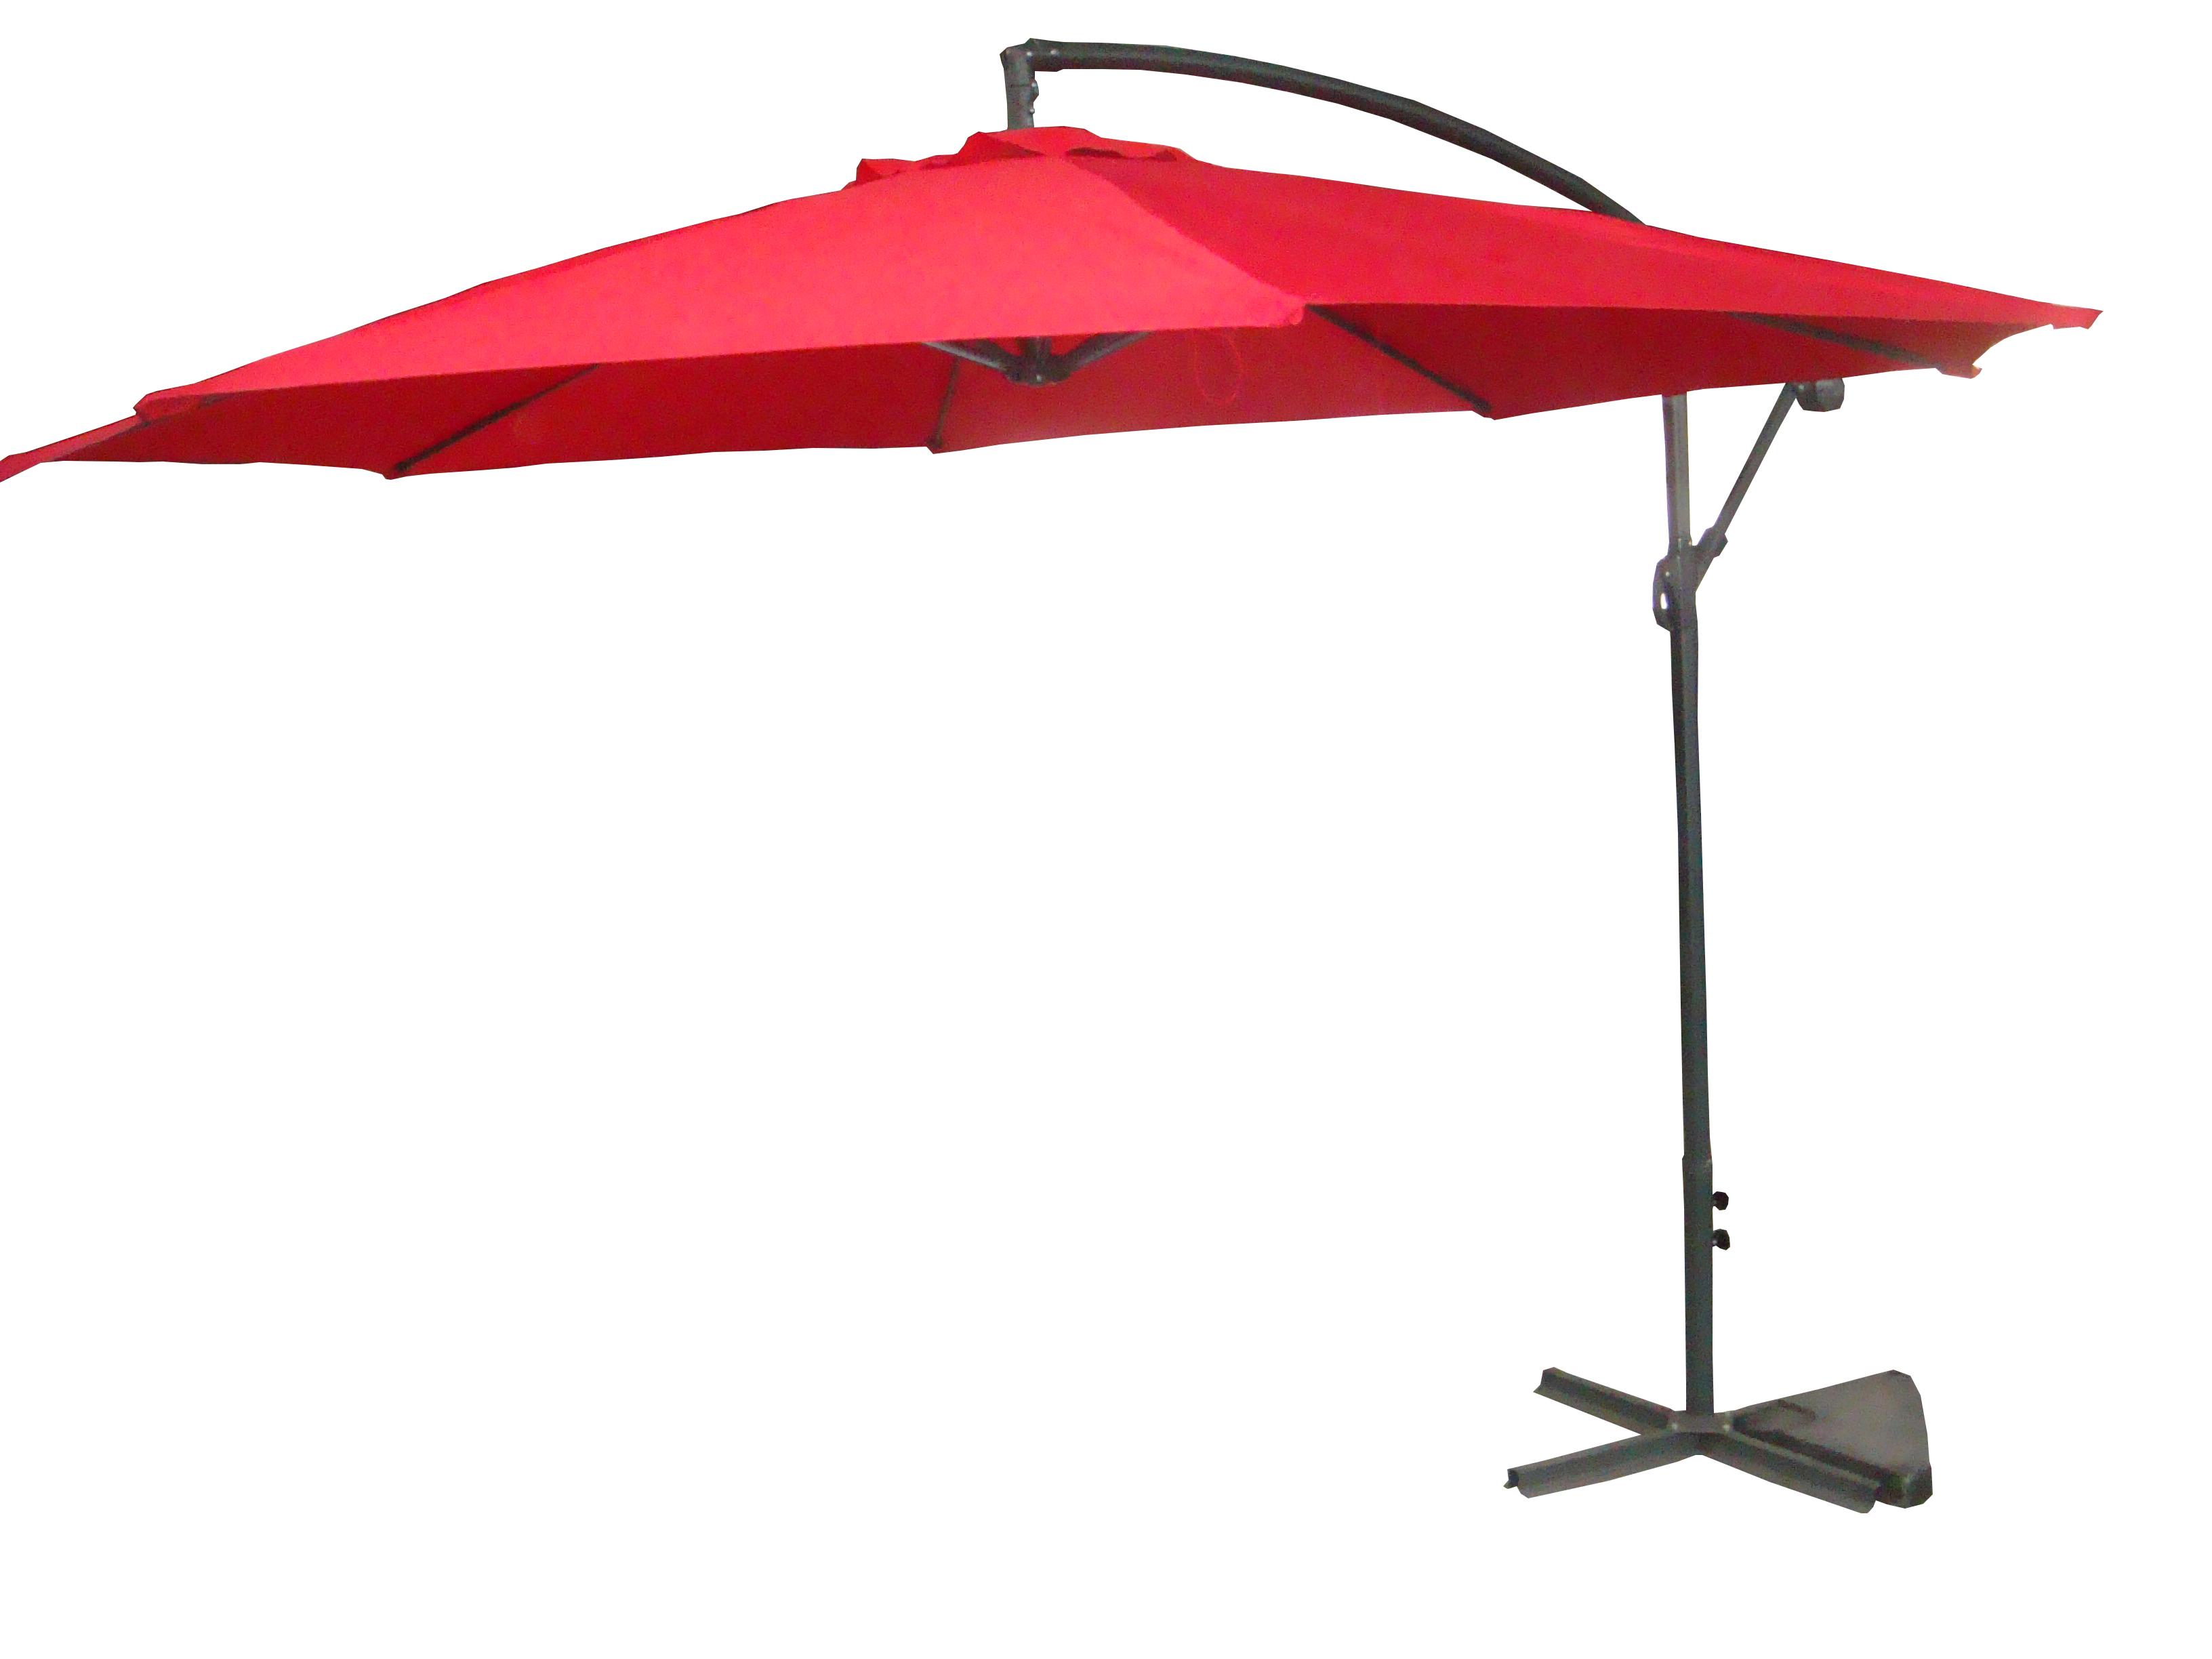 Palm Springs 10ft Offset Garden Umbrella Outdoor Patio